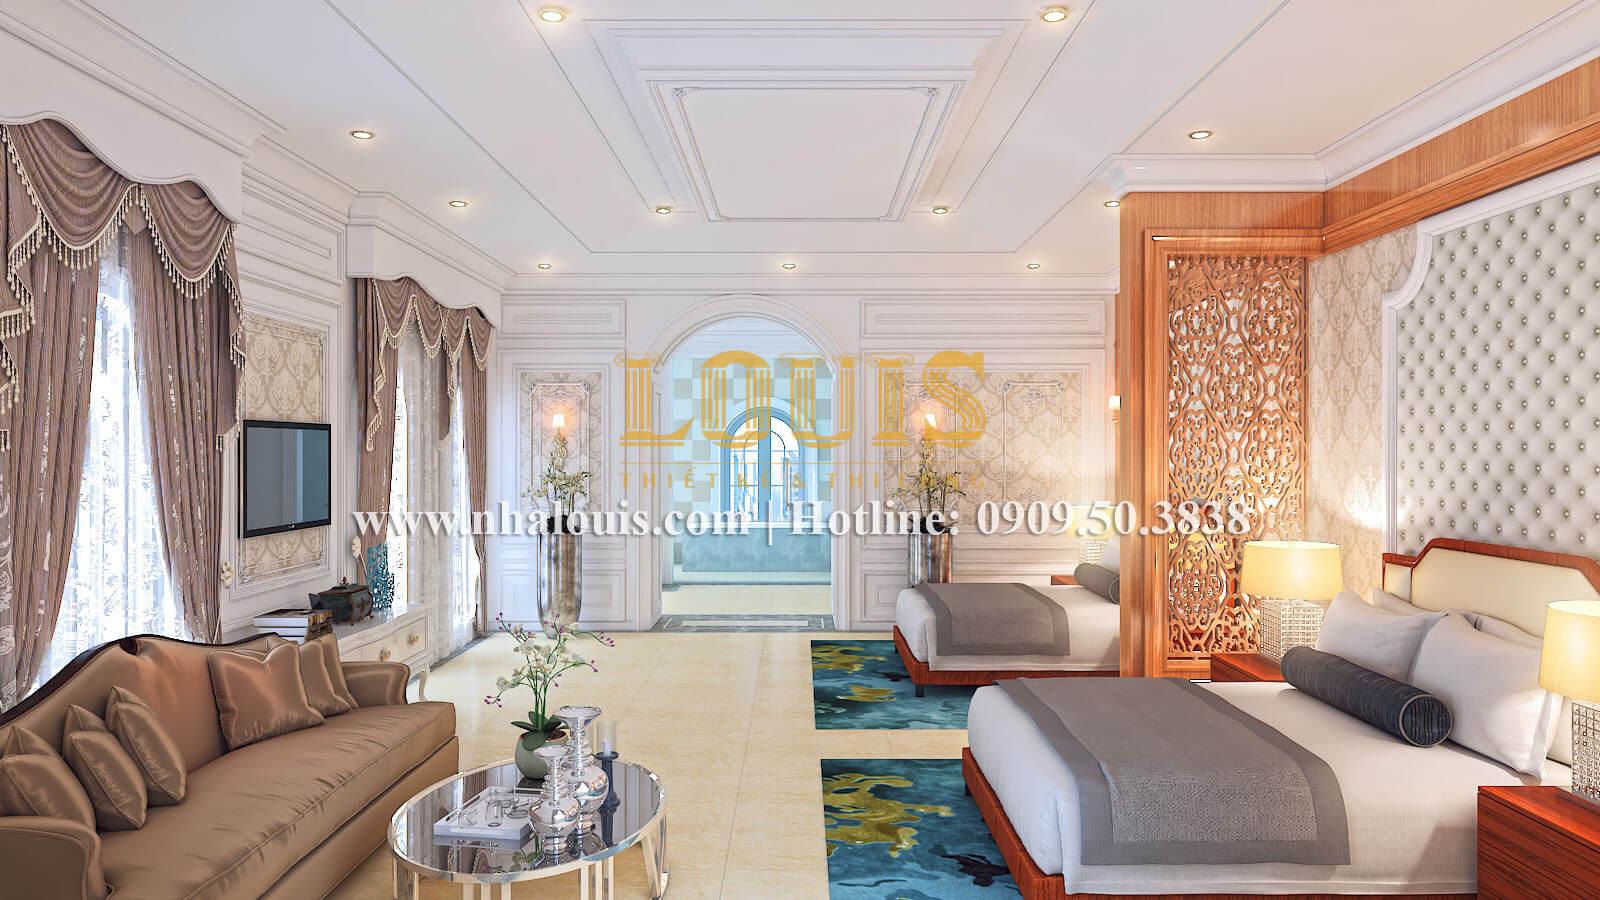 Phòng ngủ đôi biệt thự cổ điển kiểu Pháp đẳng cấp tại Đồng Nai